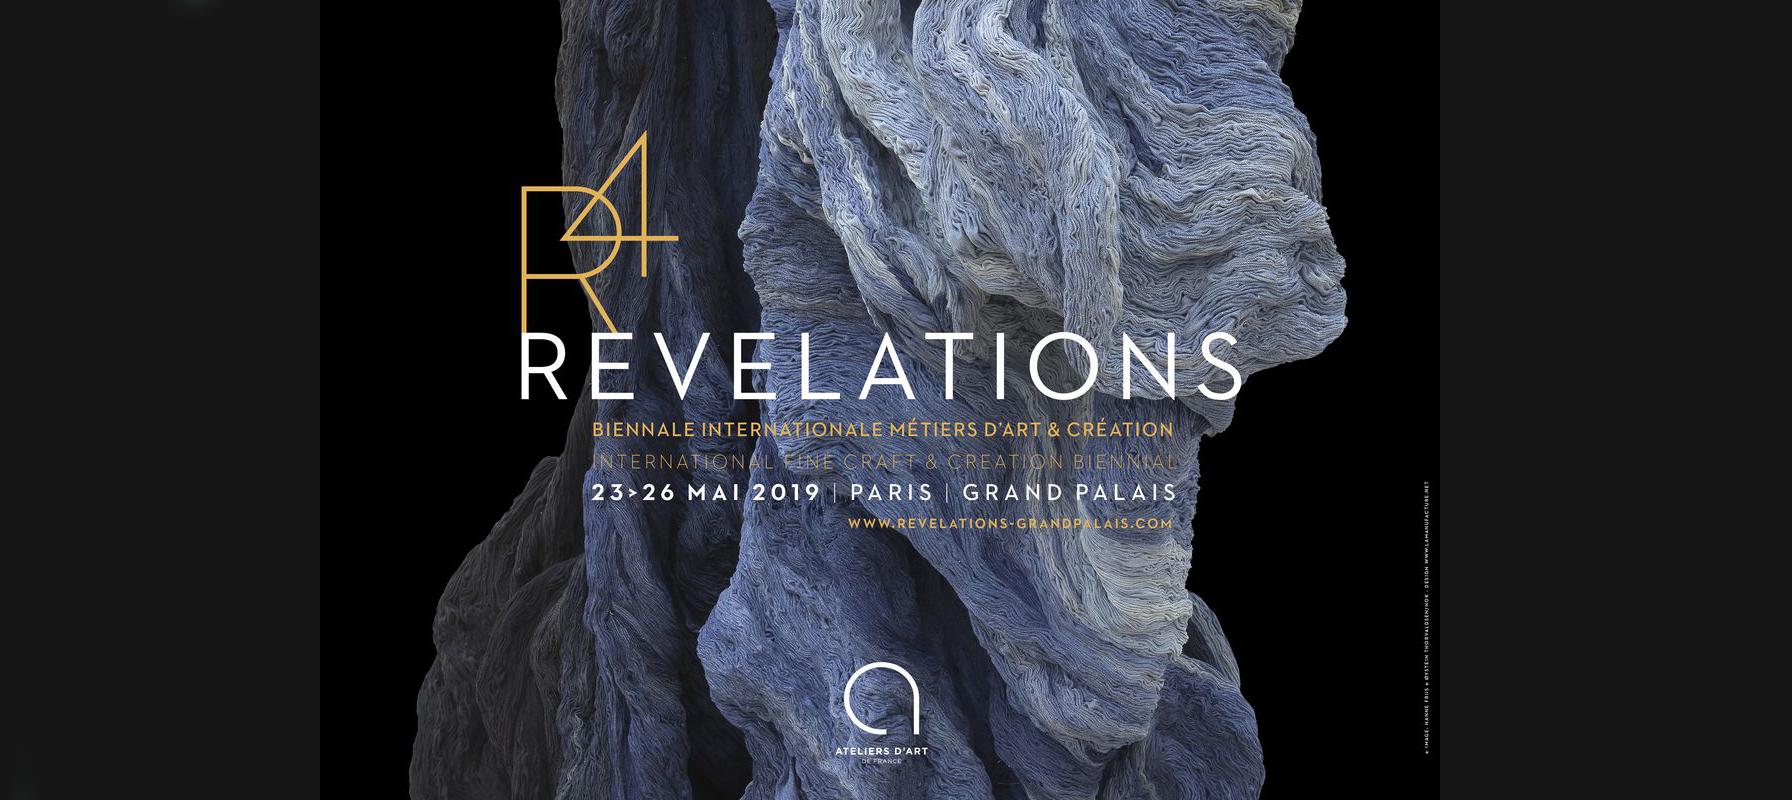 Salon Revelations 2019 - Salon Révélations Affiche _ Galerie Arcanes l Arts Décoratifs XXe - Art Contemporain Paris,